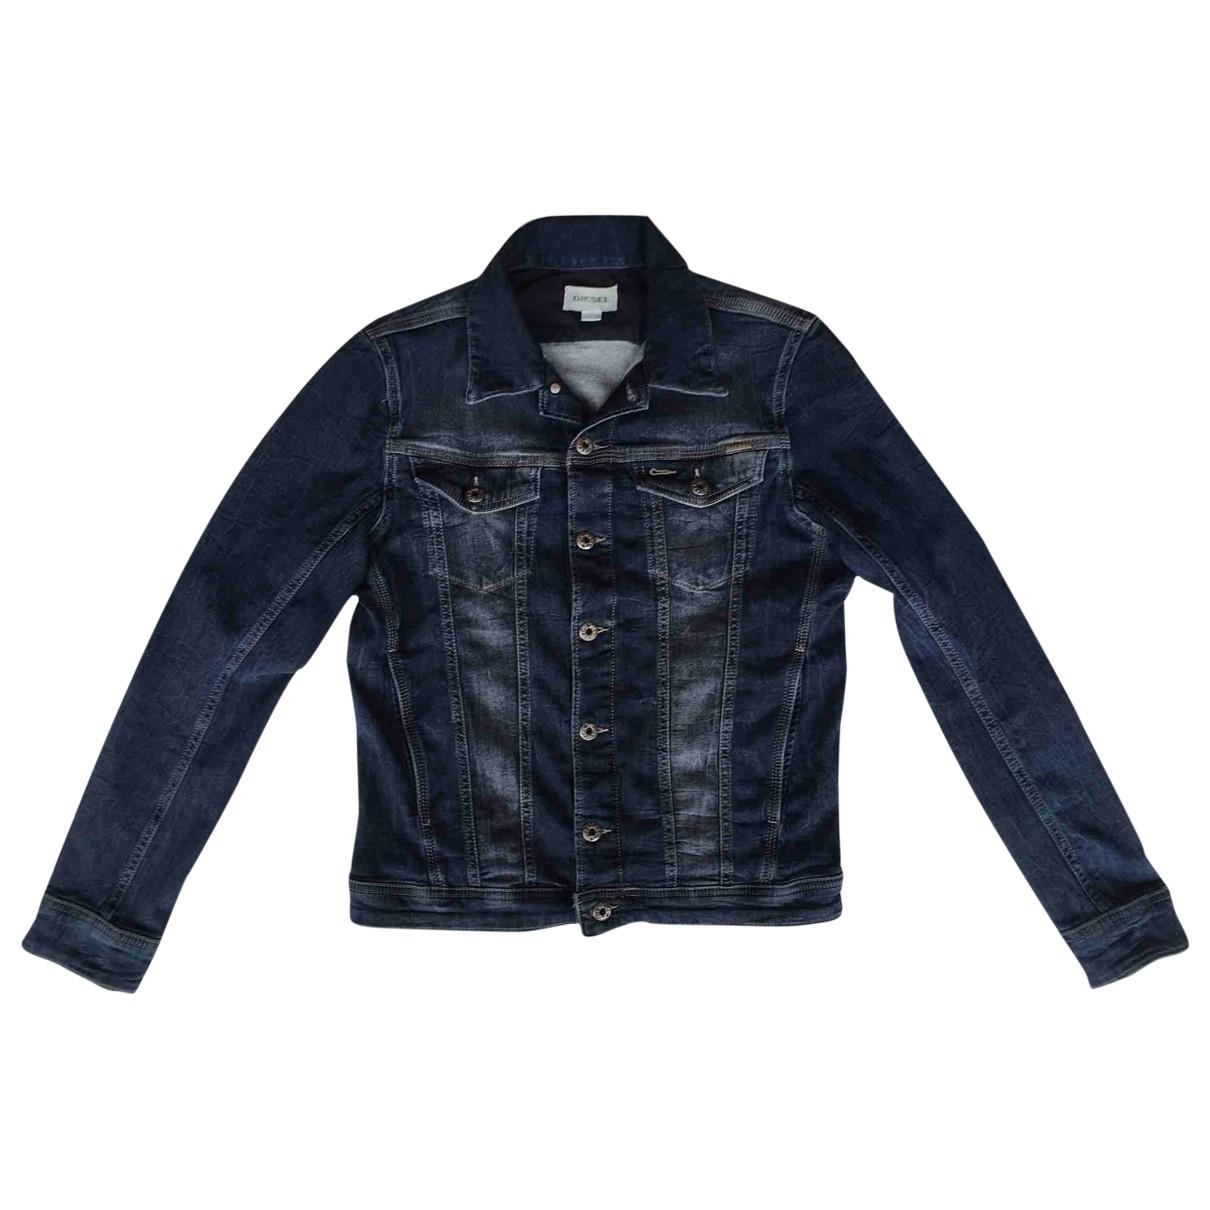 Diesel \N Jacke, Maentel in  Blau Denim - Jeans